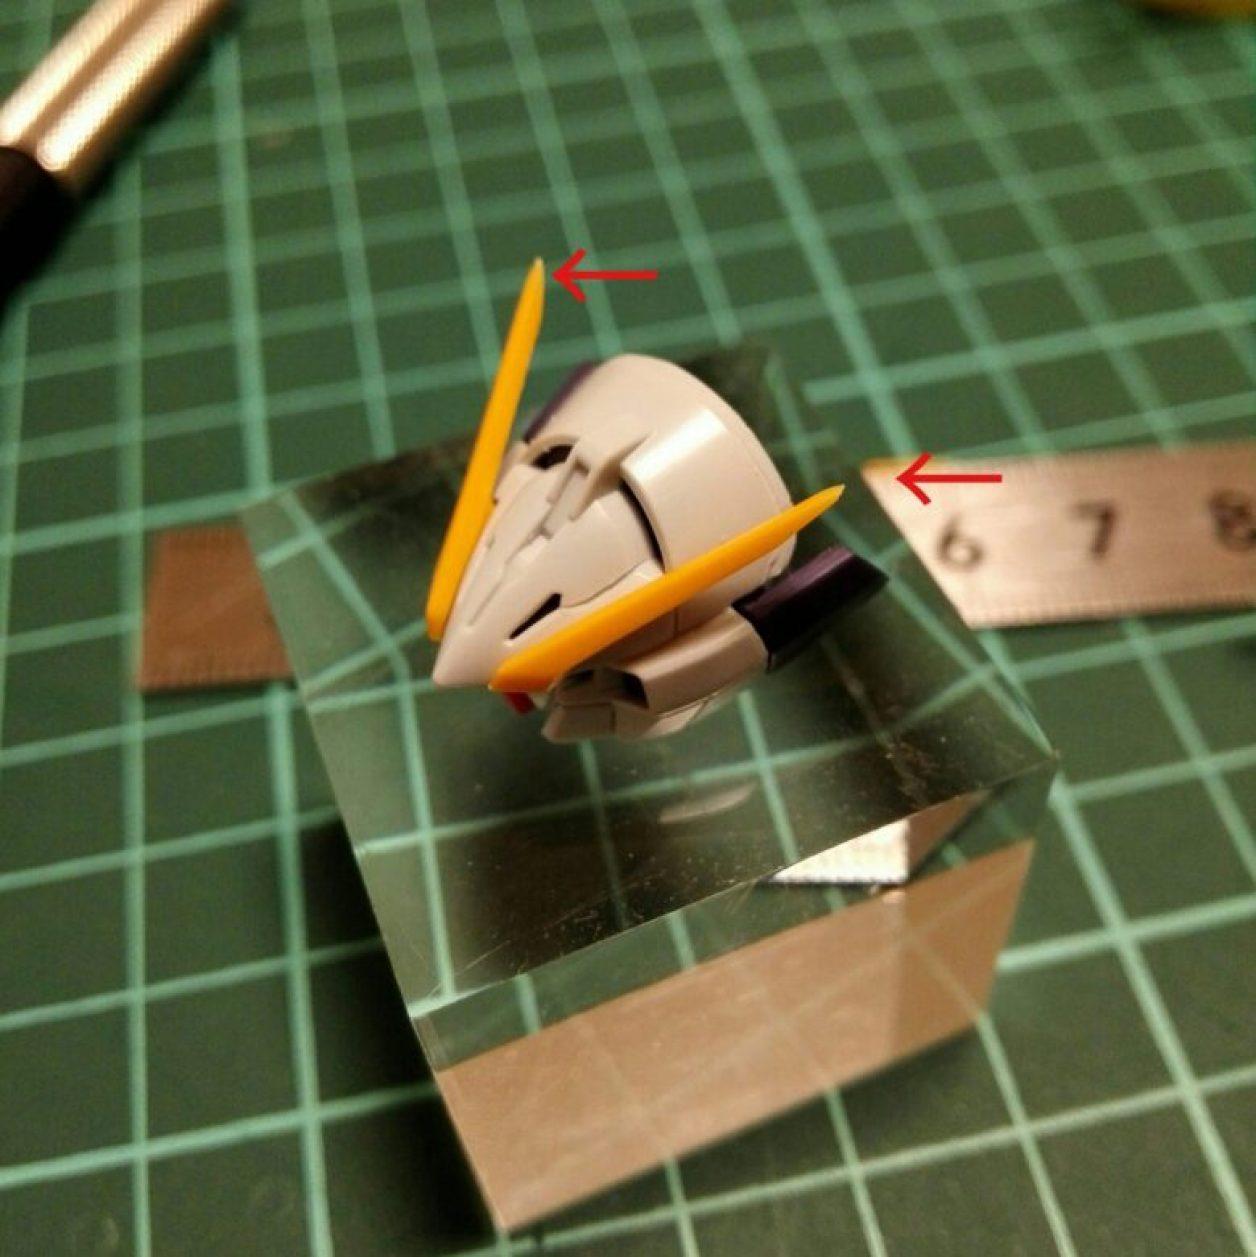 プレミアムバンダイ限定販売のhguc ガンダムtr-6[ウーンドウォート]のアンテナのピンを切り落とした画像